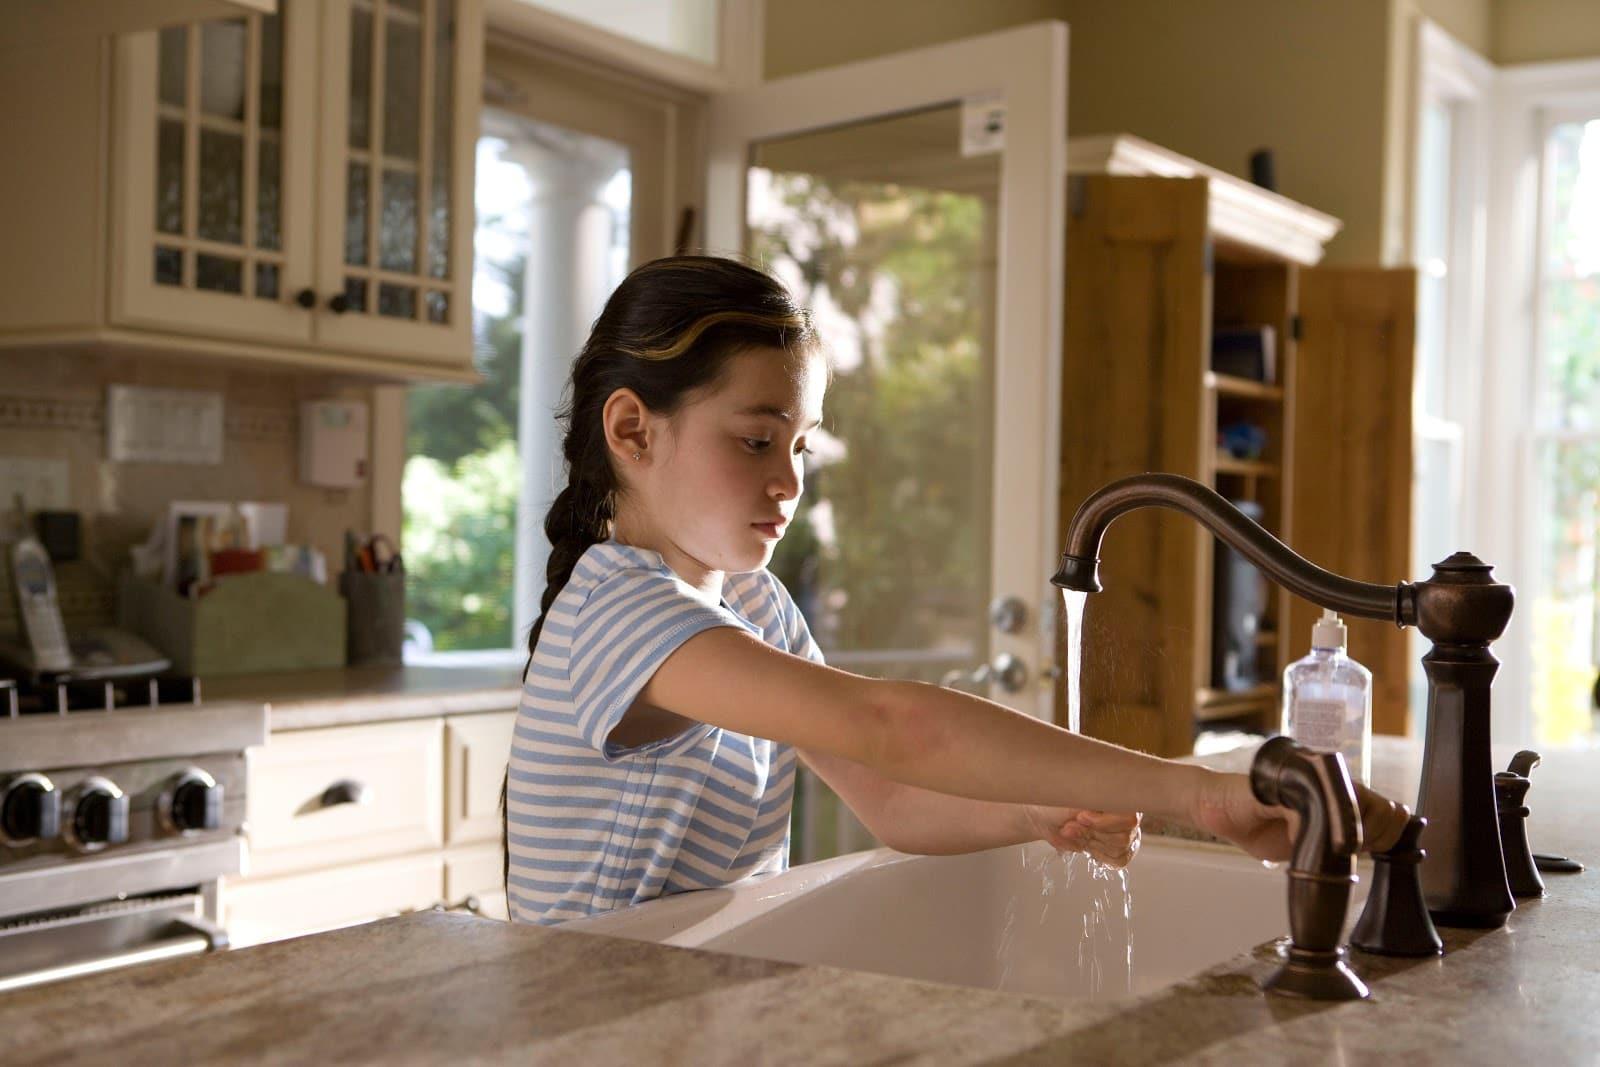 Kitchen Sink Leaking